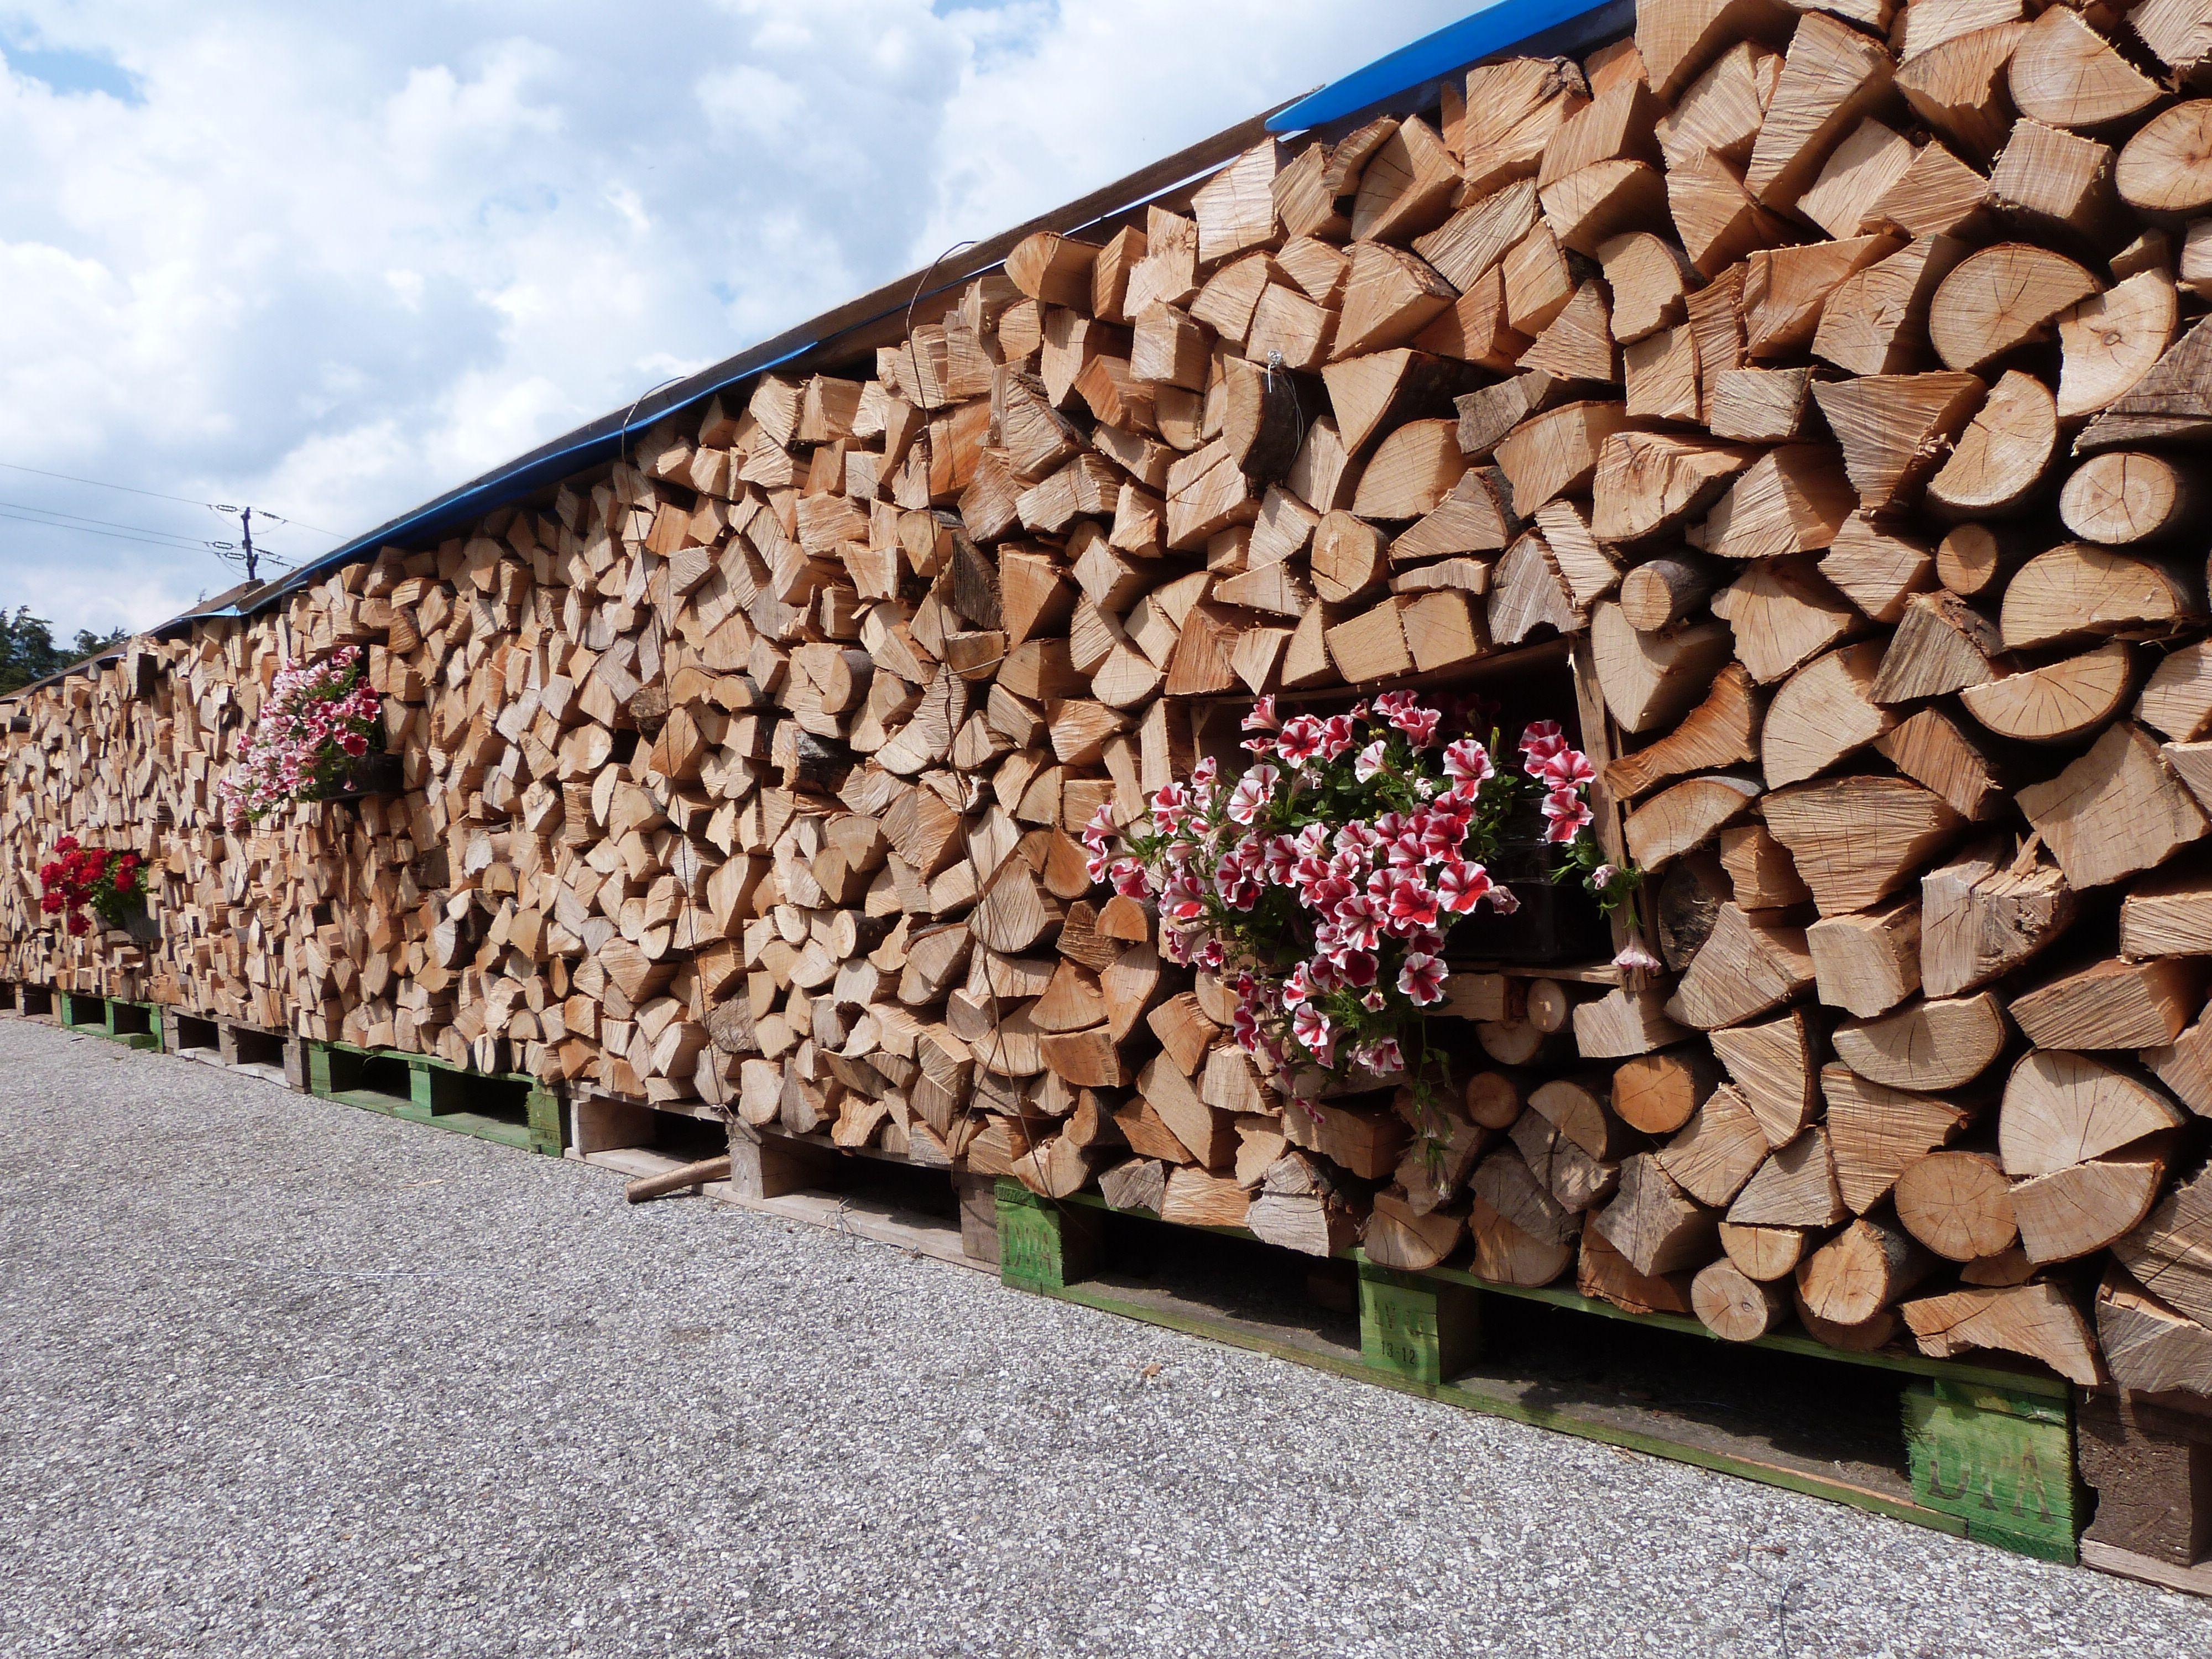 Trentino Alto Adige Artigianato ボード「l'arte della legnaia / the art of woodshed」のピン